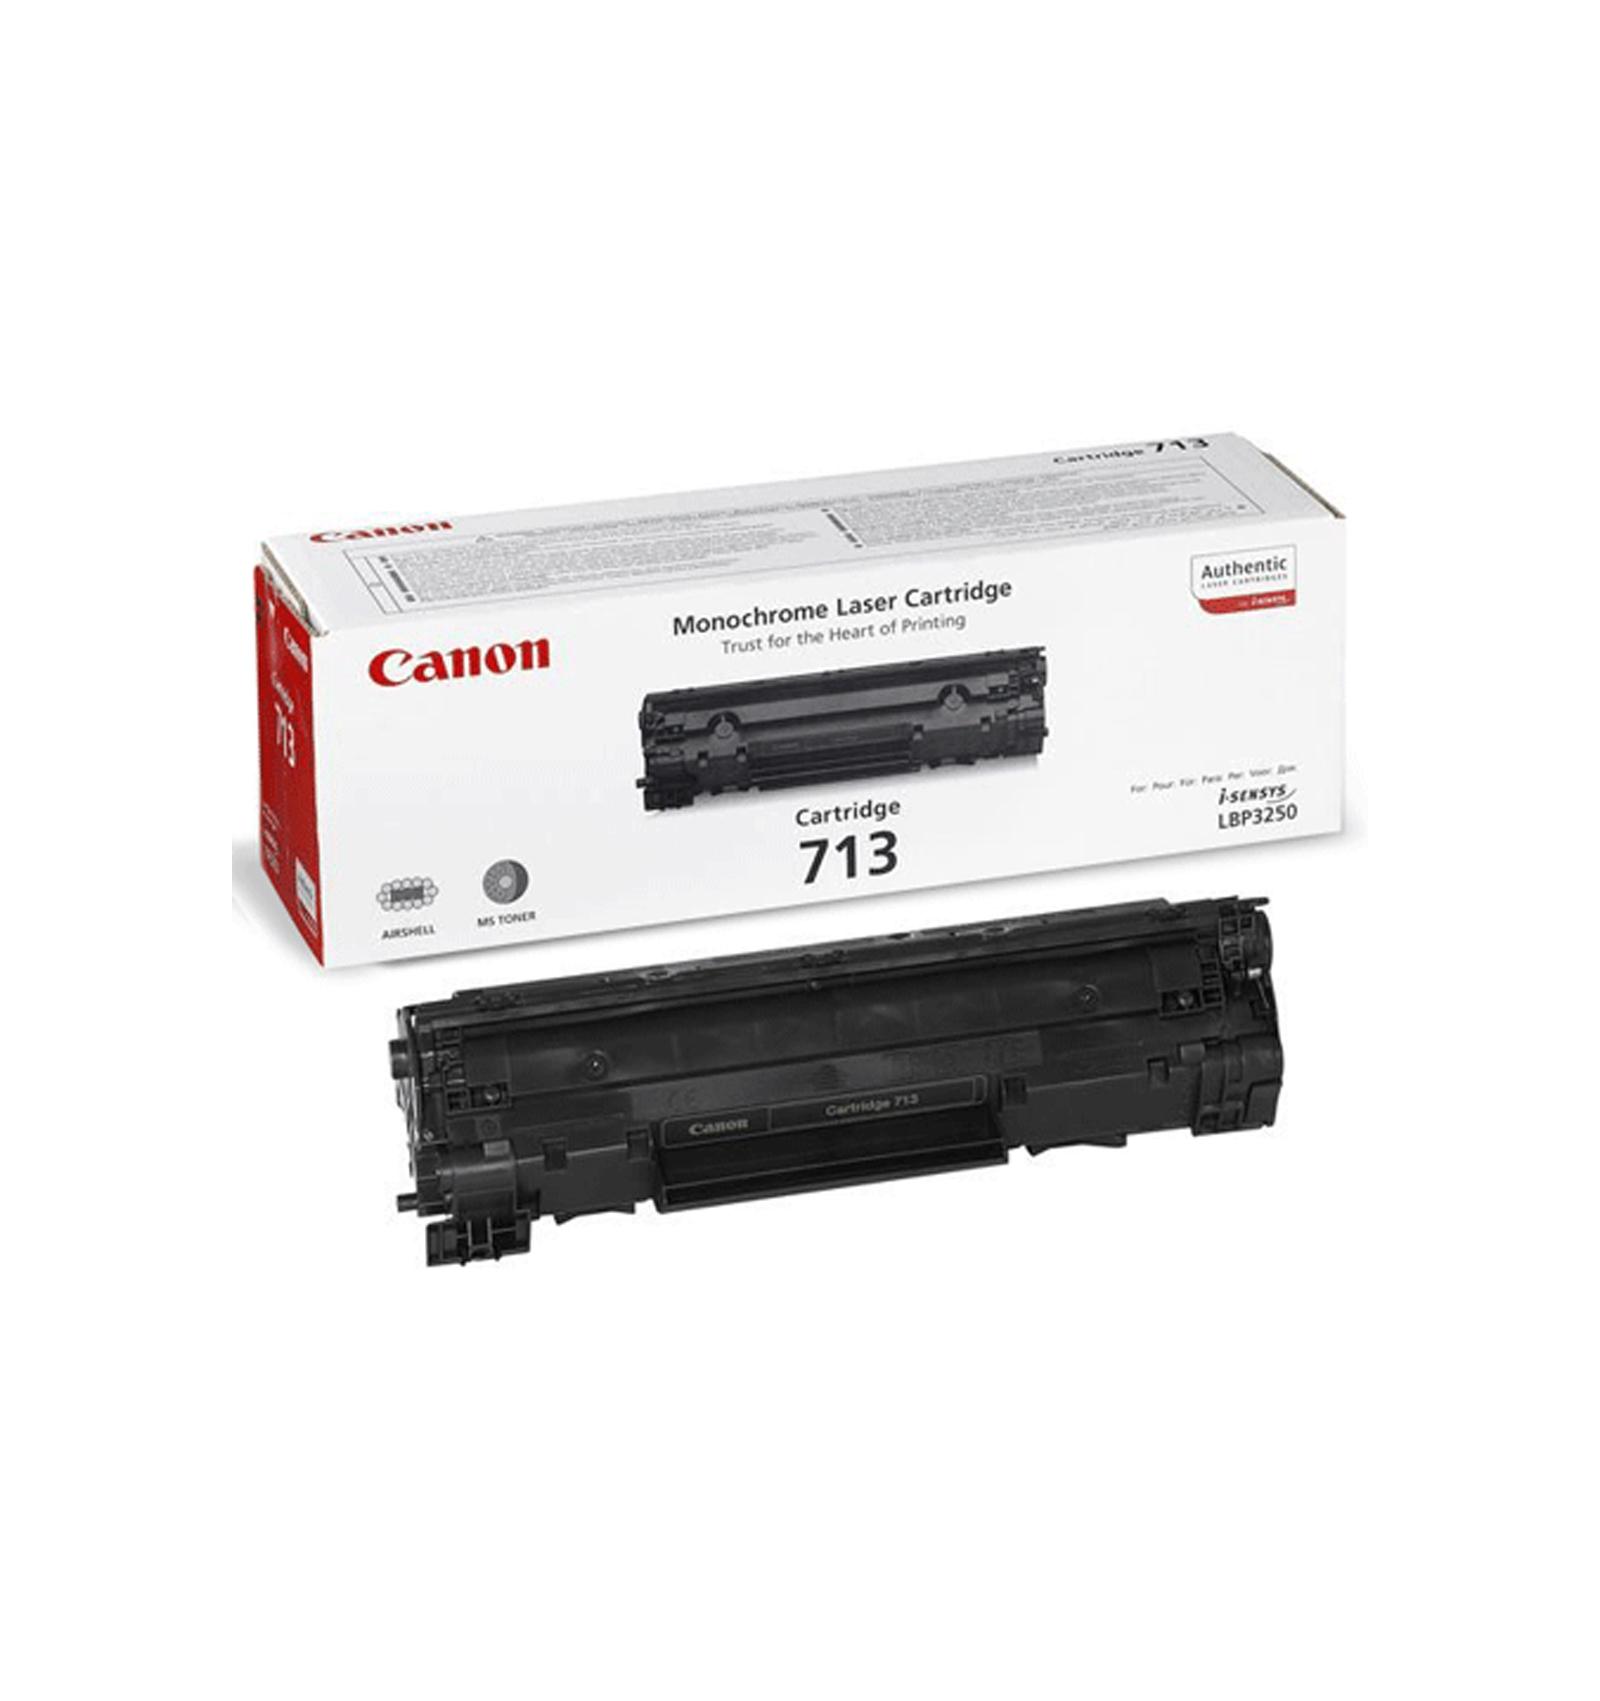 Заправка тонером картриджа Canon 713 для LBP-3250